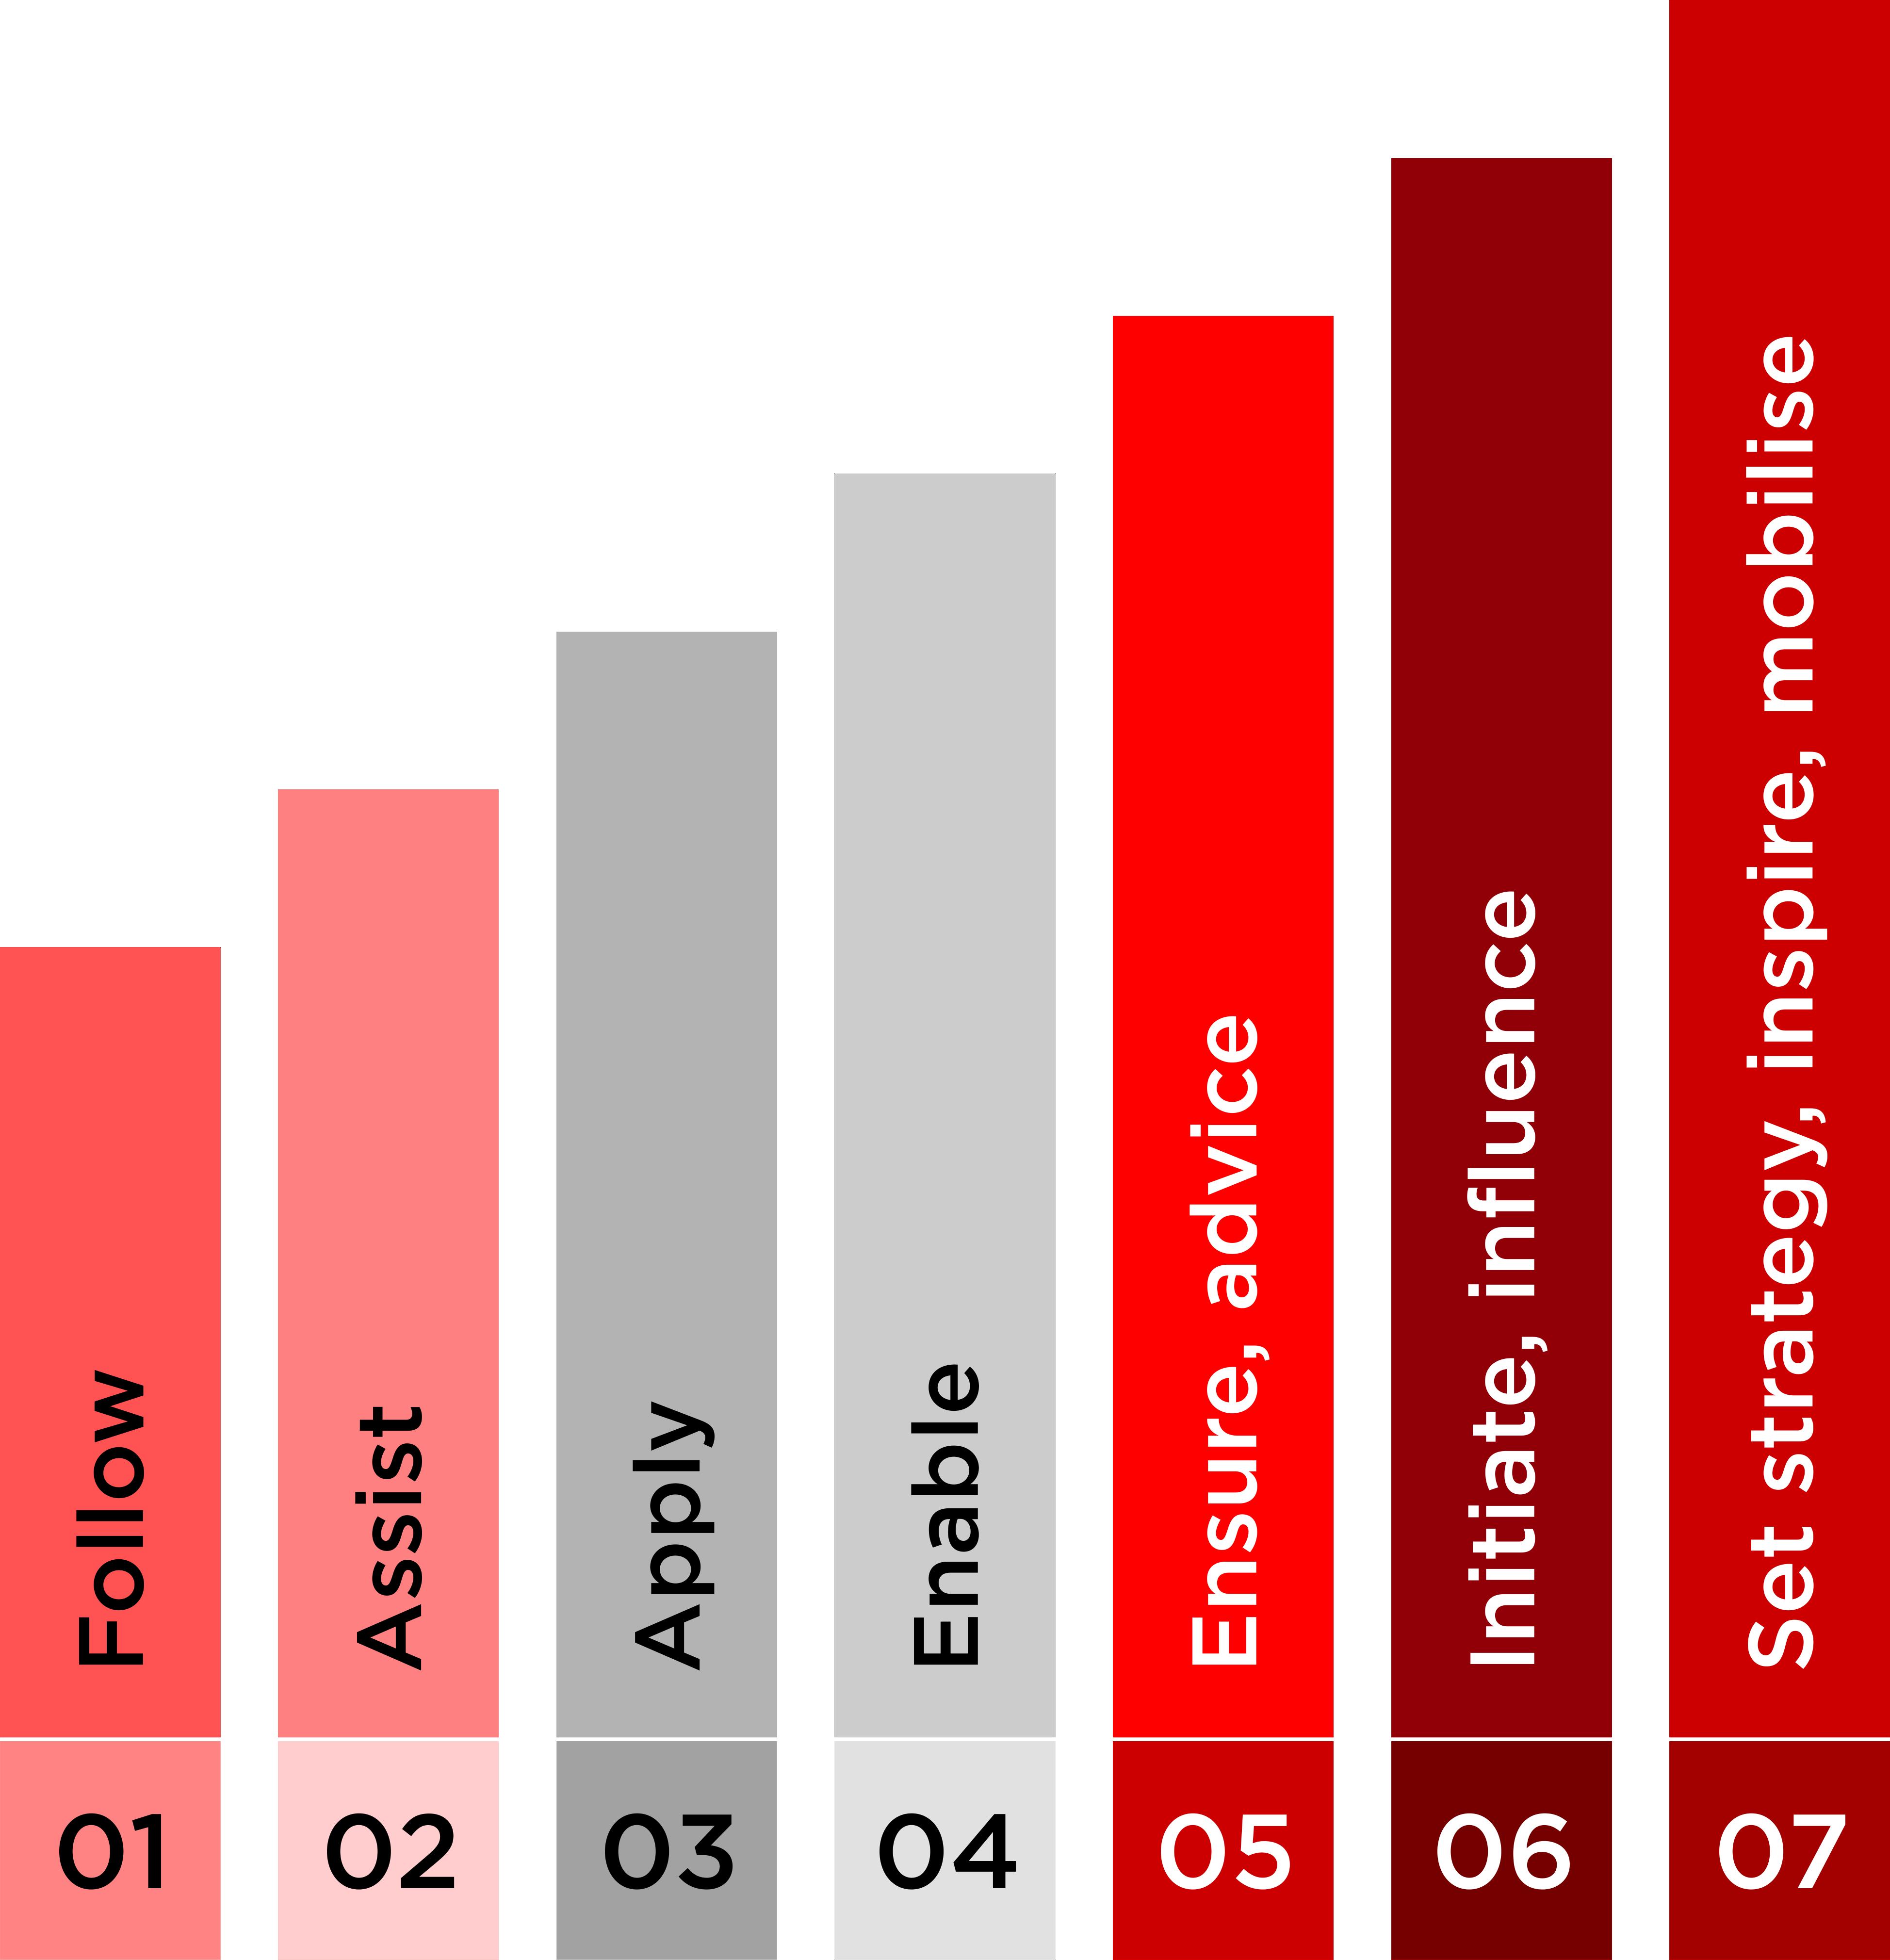 Оценка человеческого капитала ИТ-компании с использованием критериев SFIA - 3